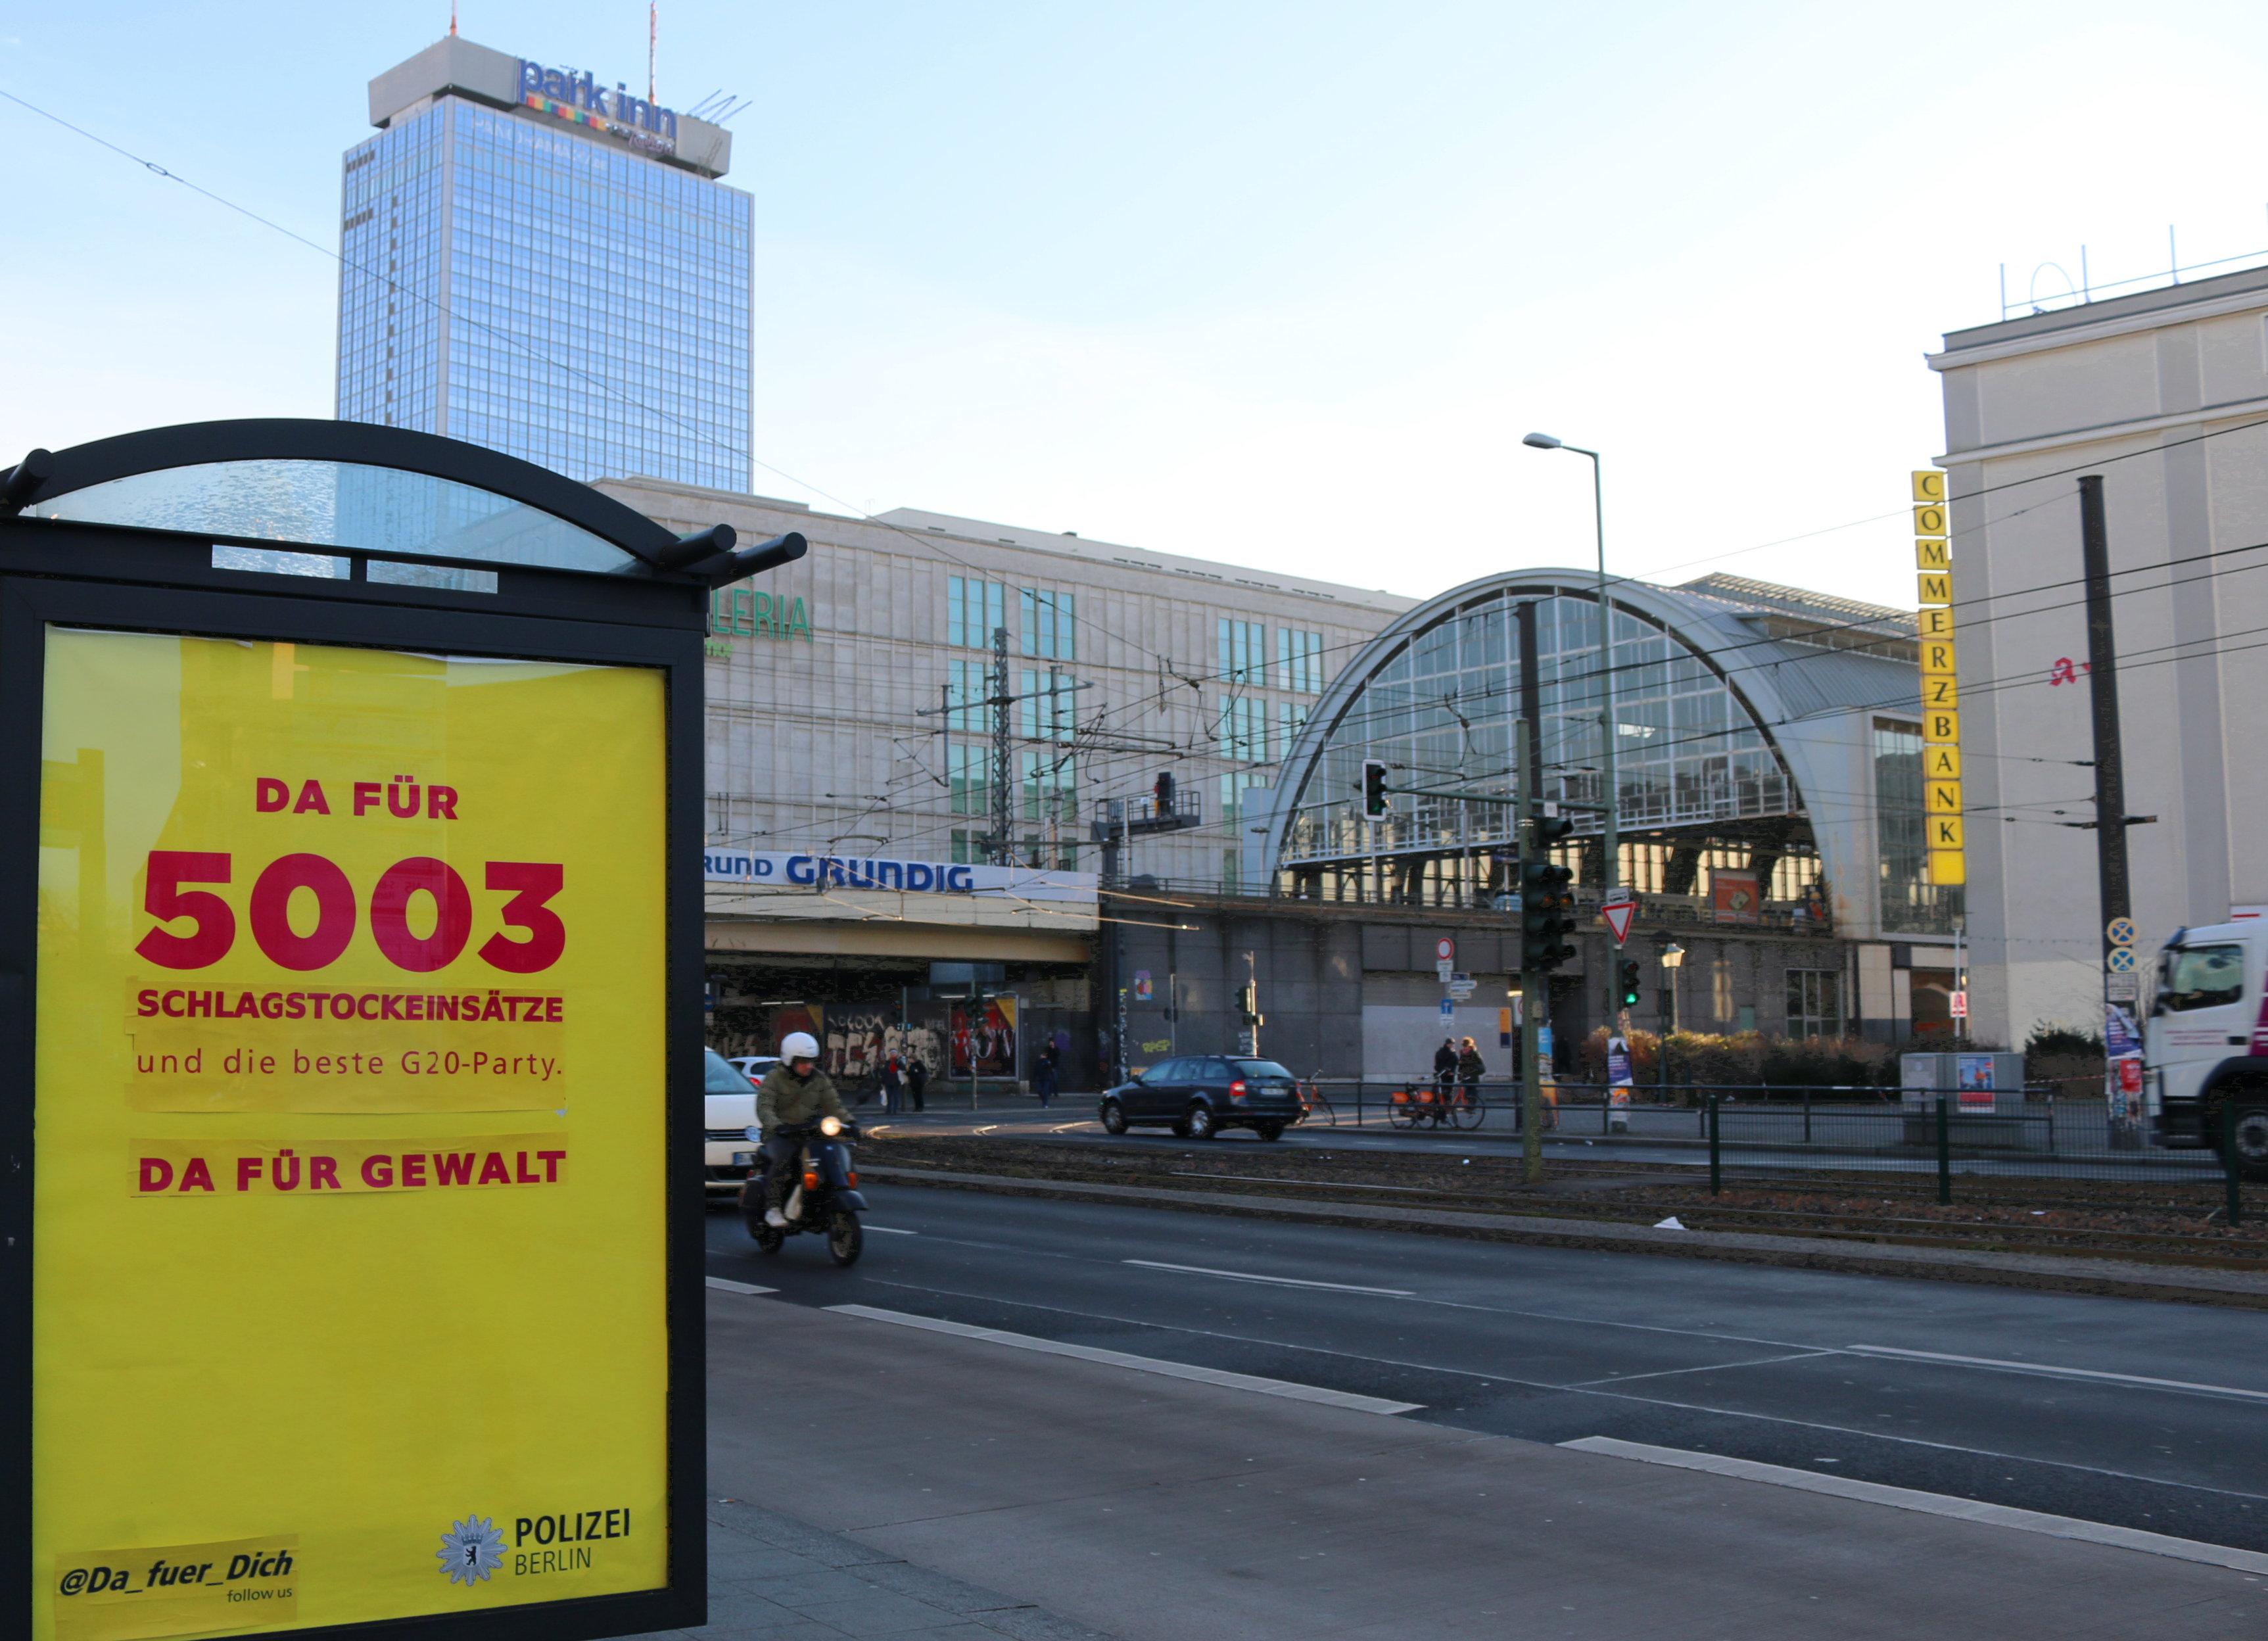 Da für 5003 schlagstockeinsätze und die beste G20-Party adbusting zum Polizeikongress am Alexplatz